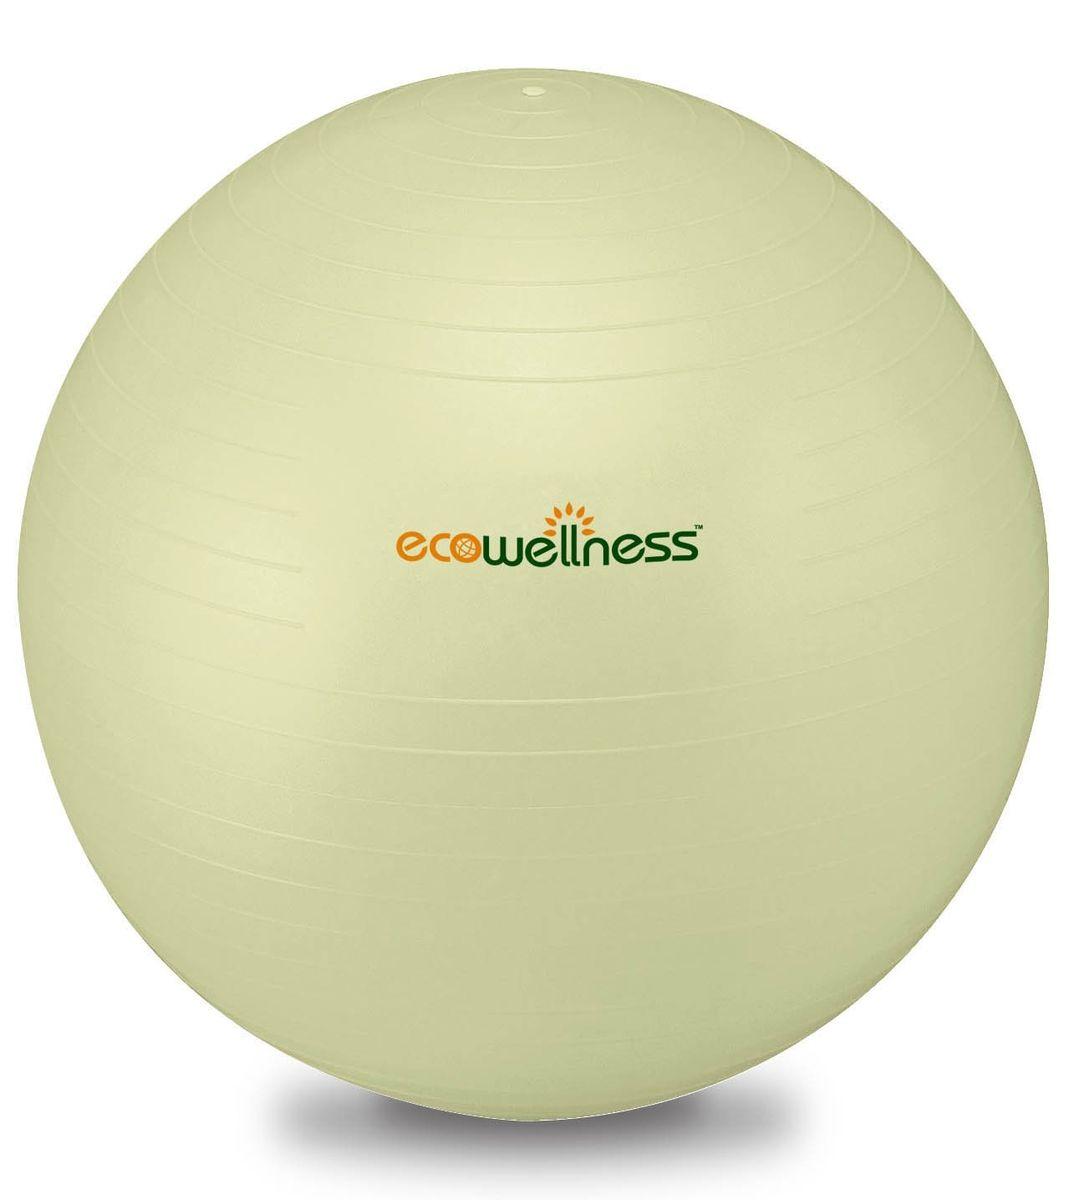 Мяч гимнастический Ecowellness 65 см, c ручным насосом, цвет: светло-зеленый. QB-001TAG3-26QB-001TAG3-26Материал: прочный экологичный ПВХ. Система Анти-Взрыв. Идеально подходит для занятий аэробикой и фитнесом, а также для укрепления мышц верхней и нижней части тела. Диаметр: 65 см. Цвет: светло-зеленый. Привлекательная индивидуальная упаковка. В комплекте идет ручной насос. Отличный подарок для любителей фитнеса.